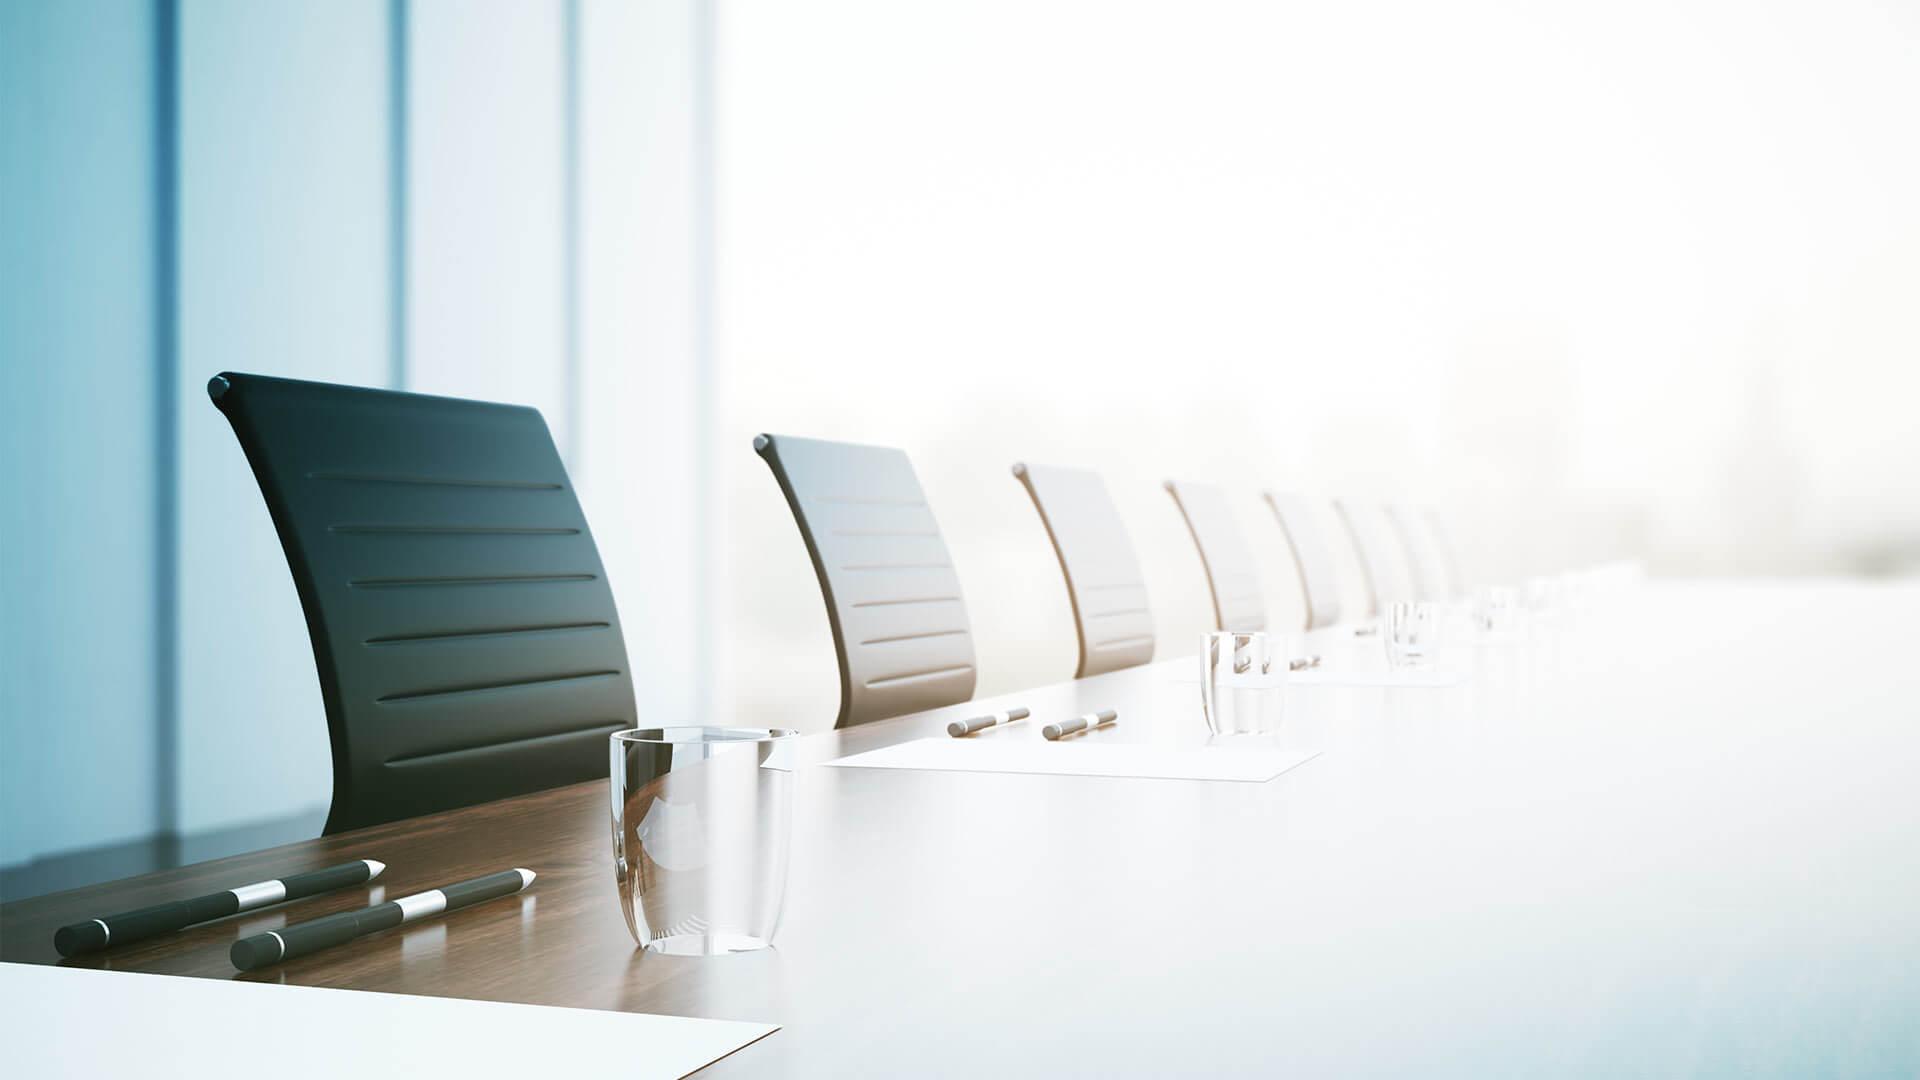 kompetenter Partner für innovative Softwarelösungen für Banken und Finanzdienstleister